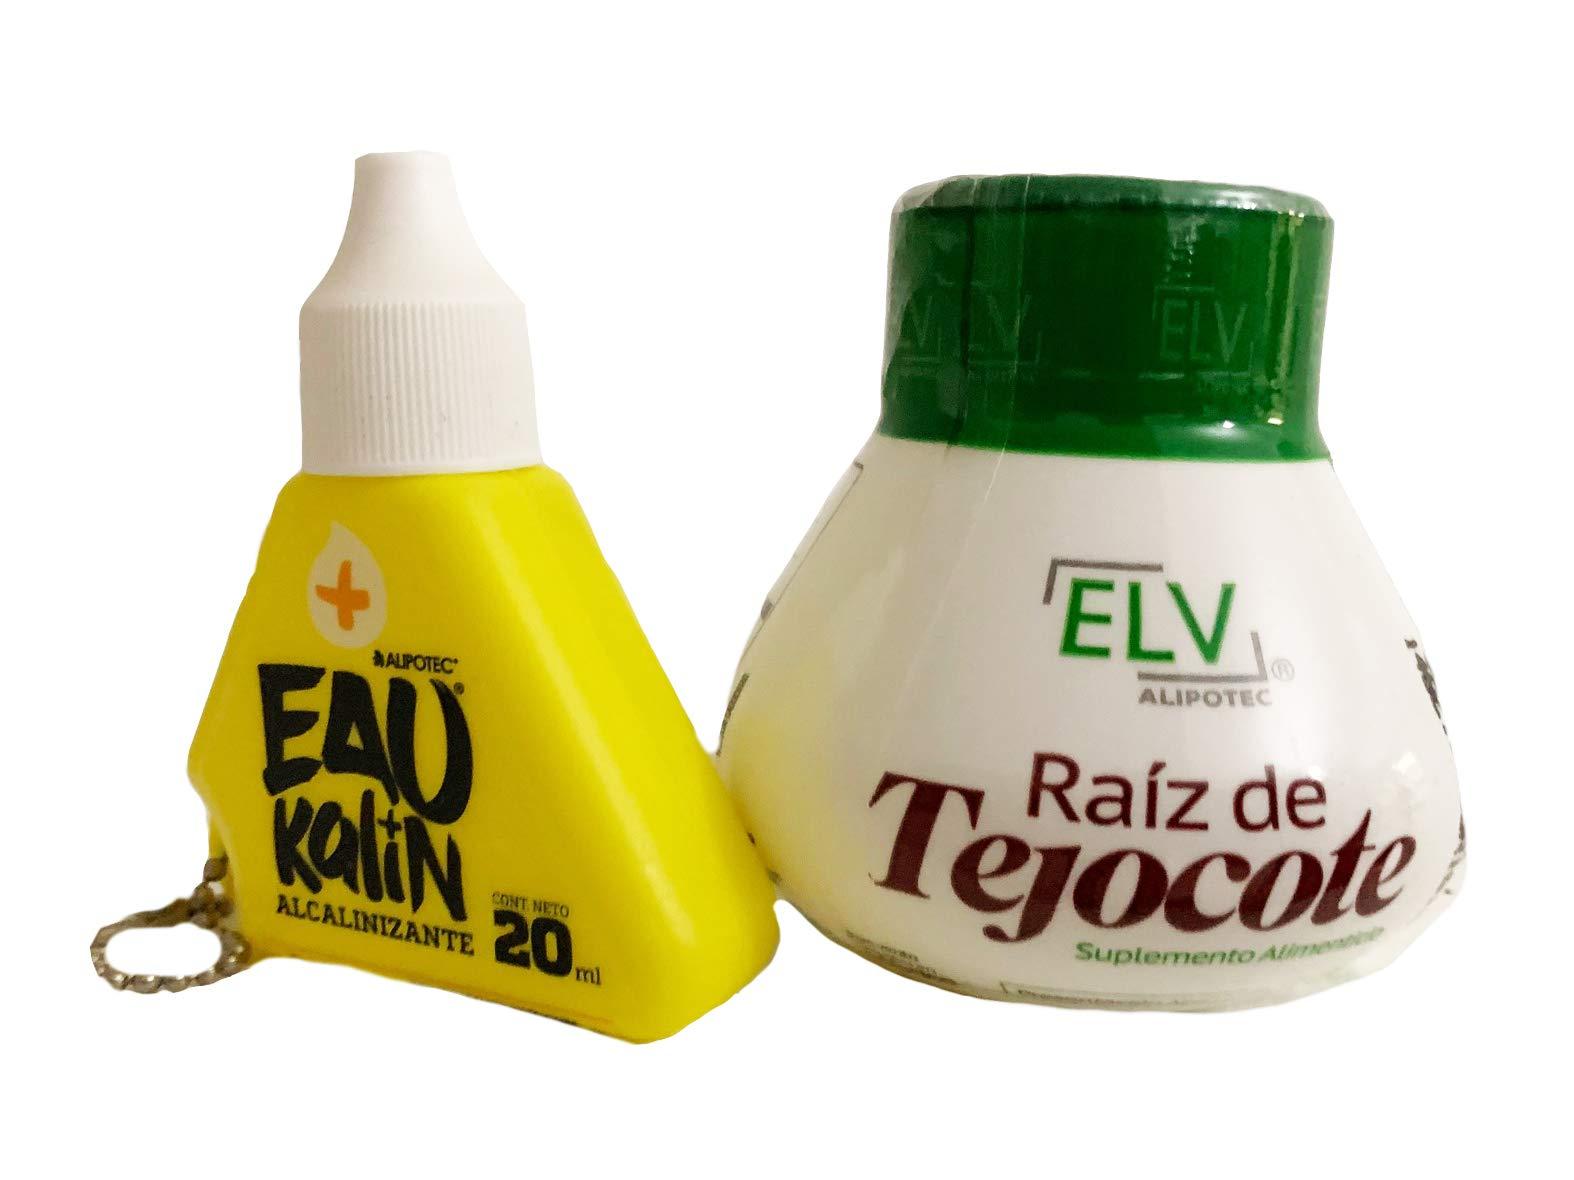 Alipotec Raiz de Tejocote Root Original Weight Loss Supplement from ELV, with Eau Kalin Alkaline Water Drops Combination 2 Pack